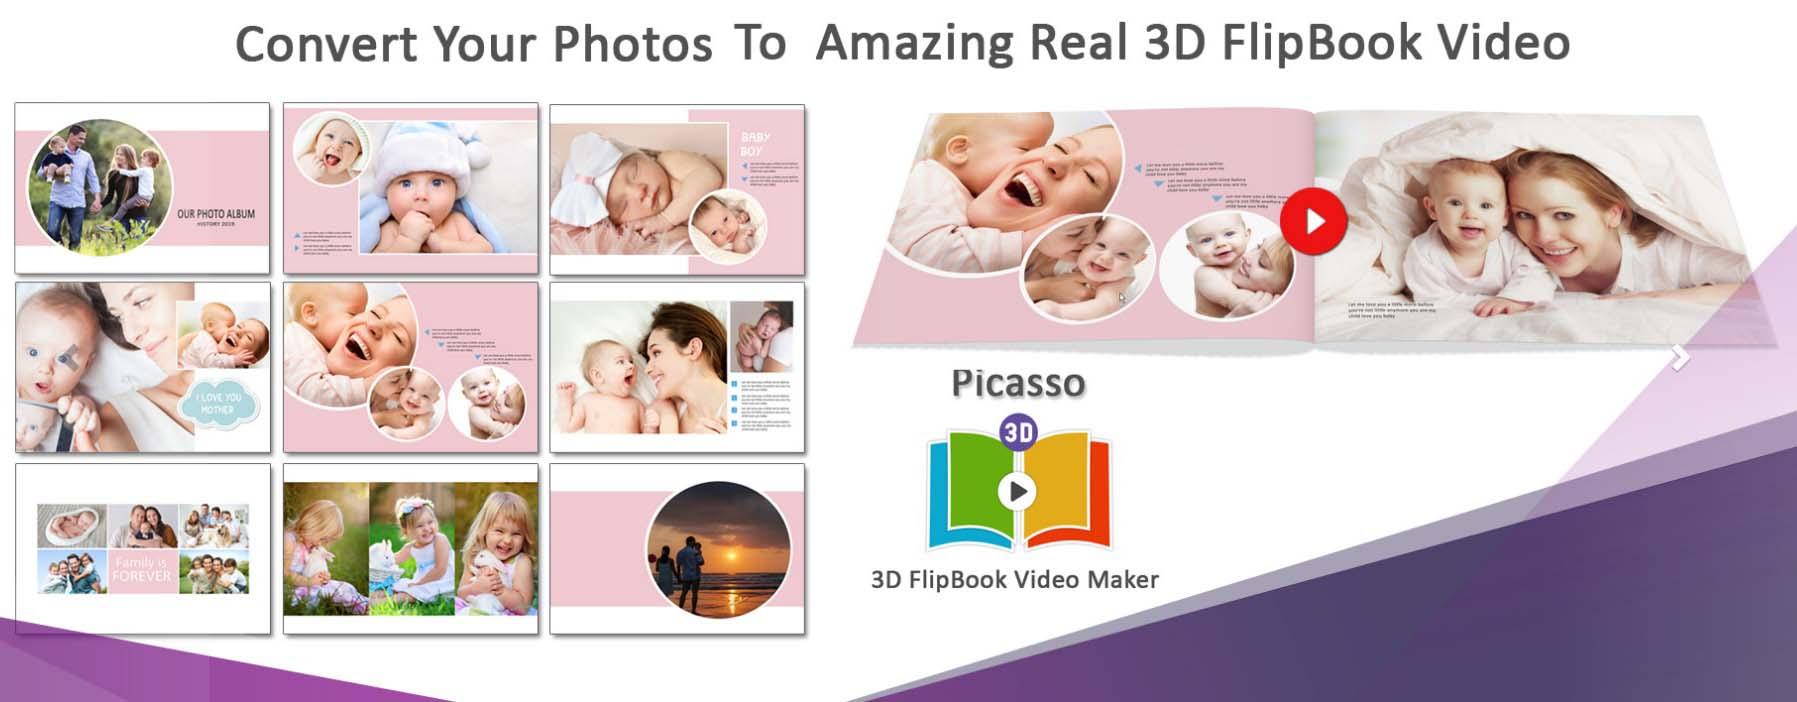 3D FlipBook Video Maker